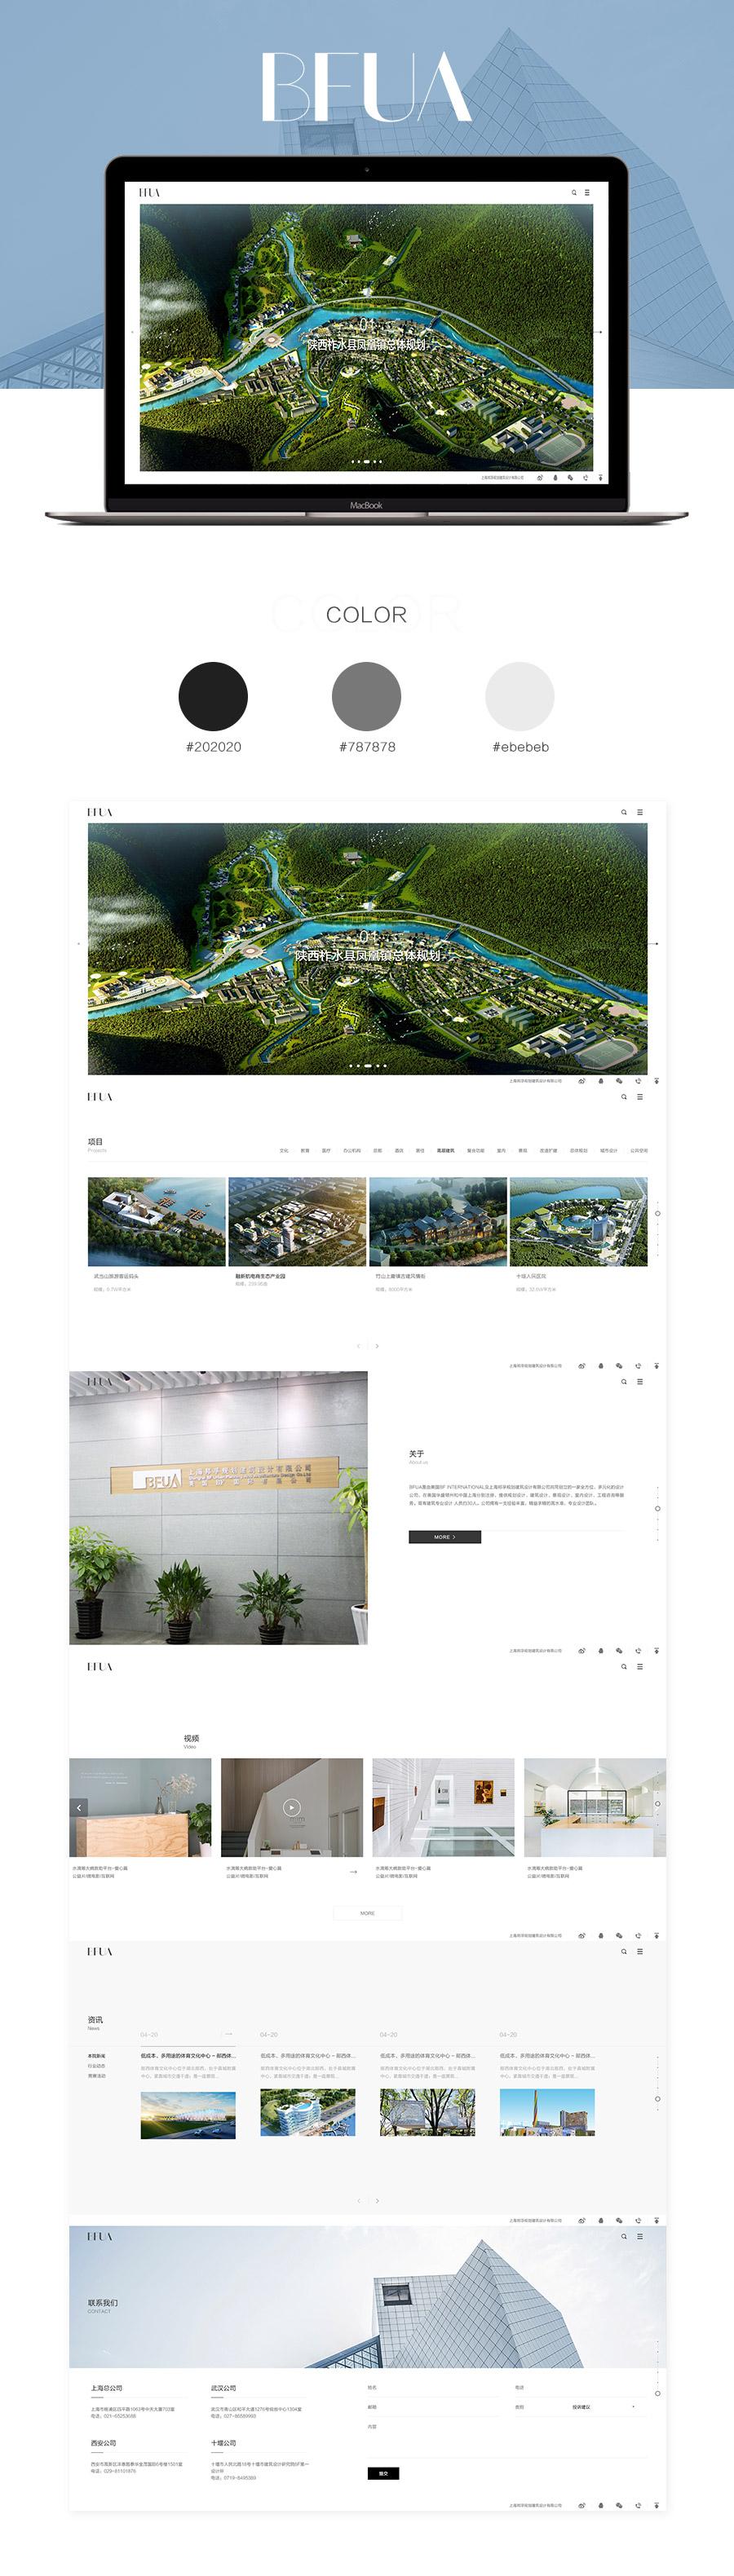 上海邦孚-900.jpg